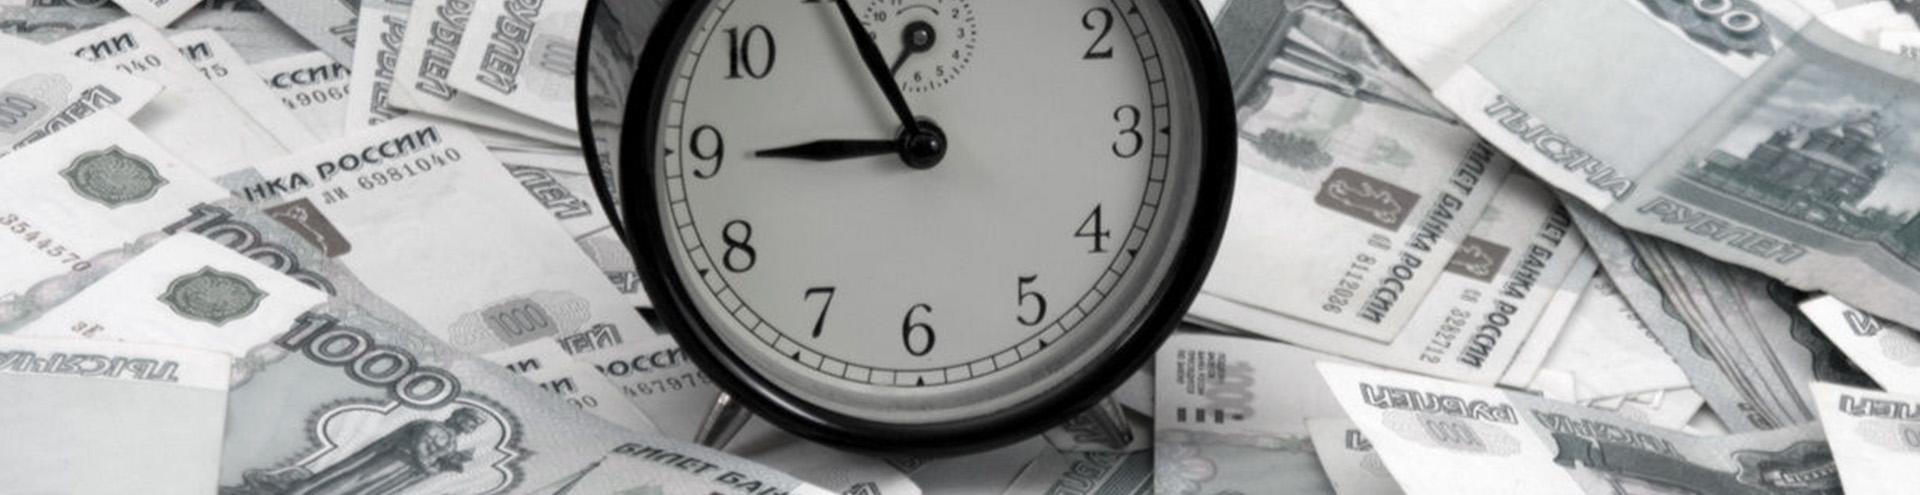 судебное взыскание долгов в Нижнем Новгороде и Нижегородской области